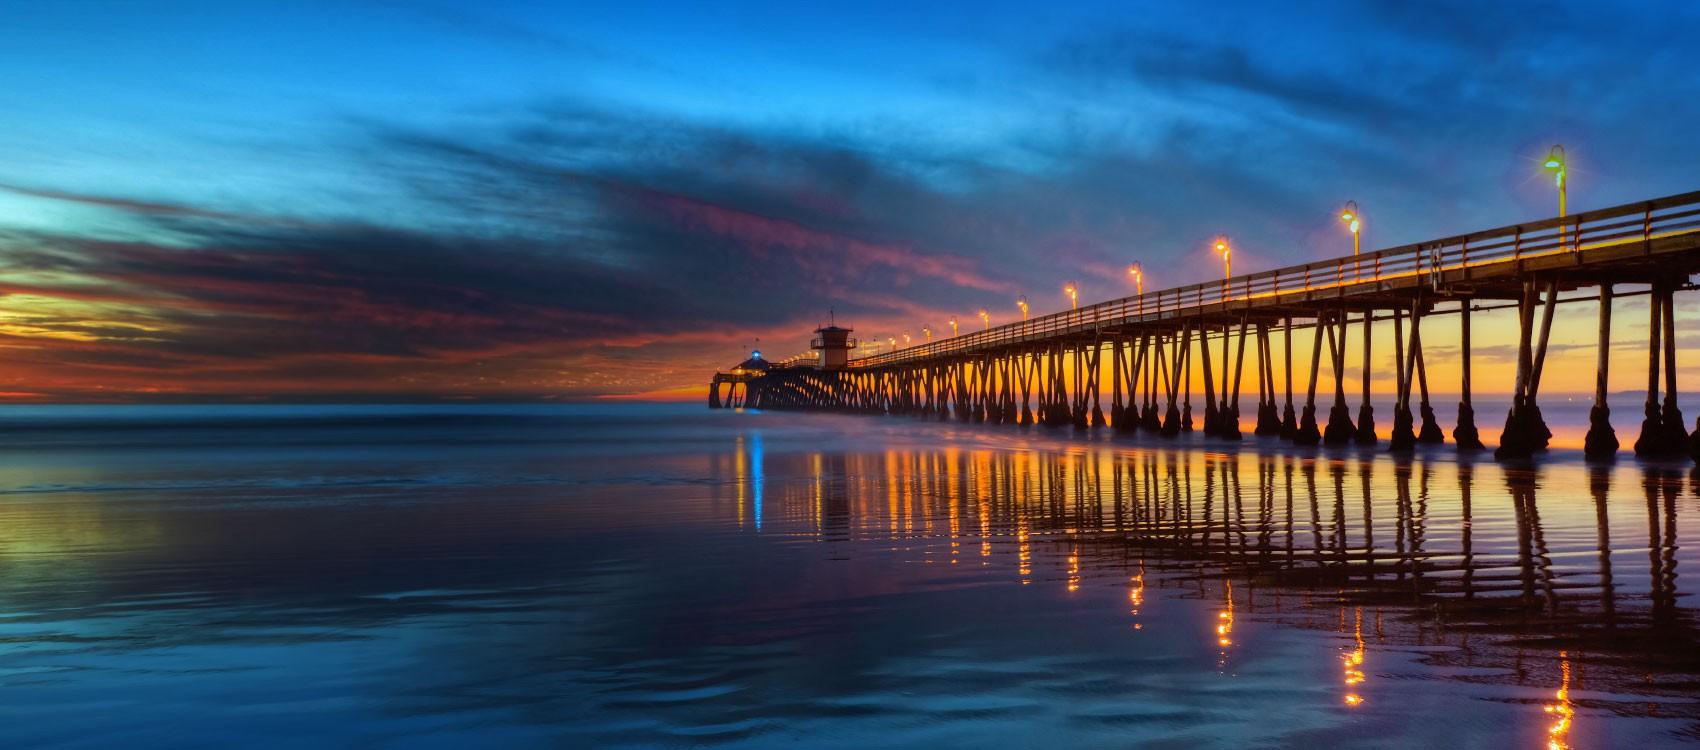 Best Mortgage Lenders San Diego